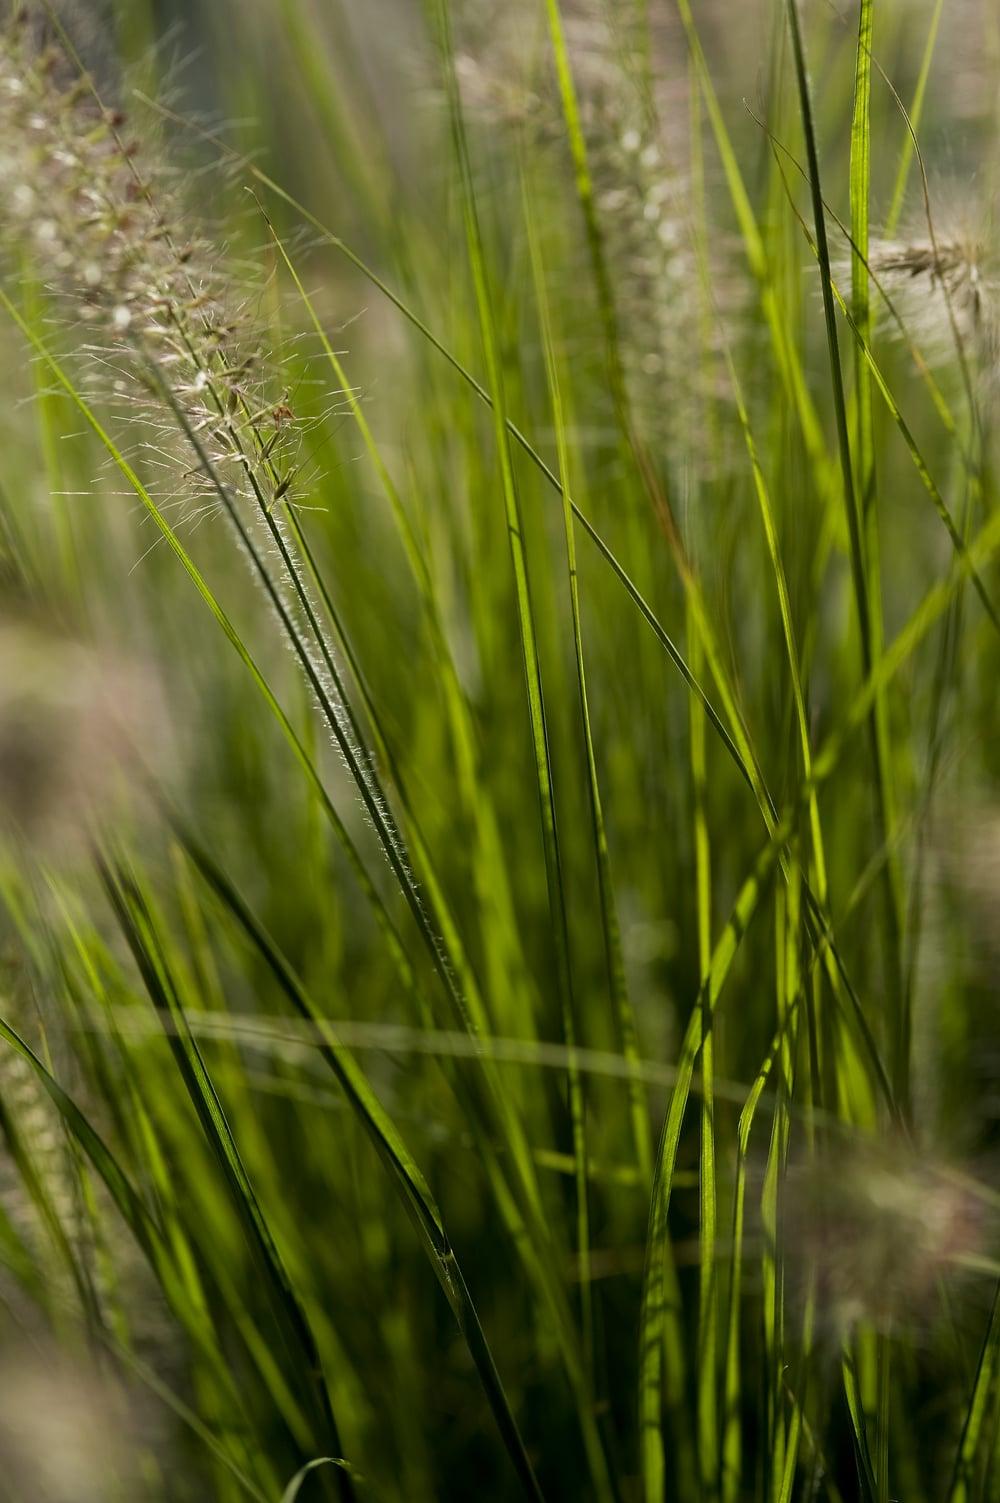 #12 Green grass